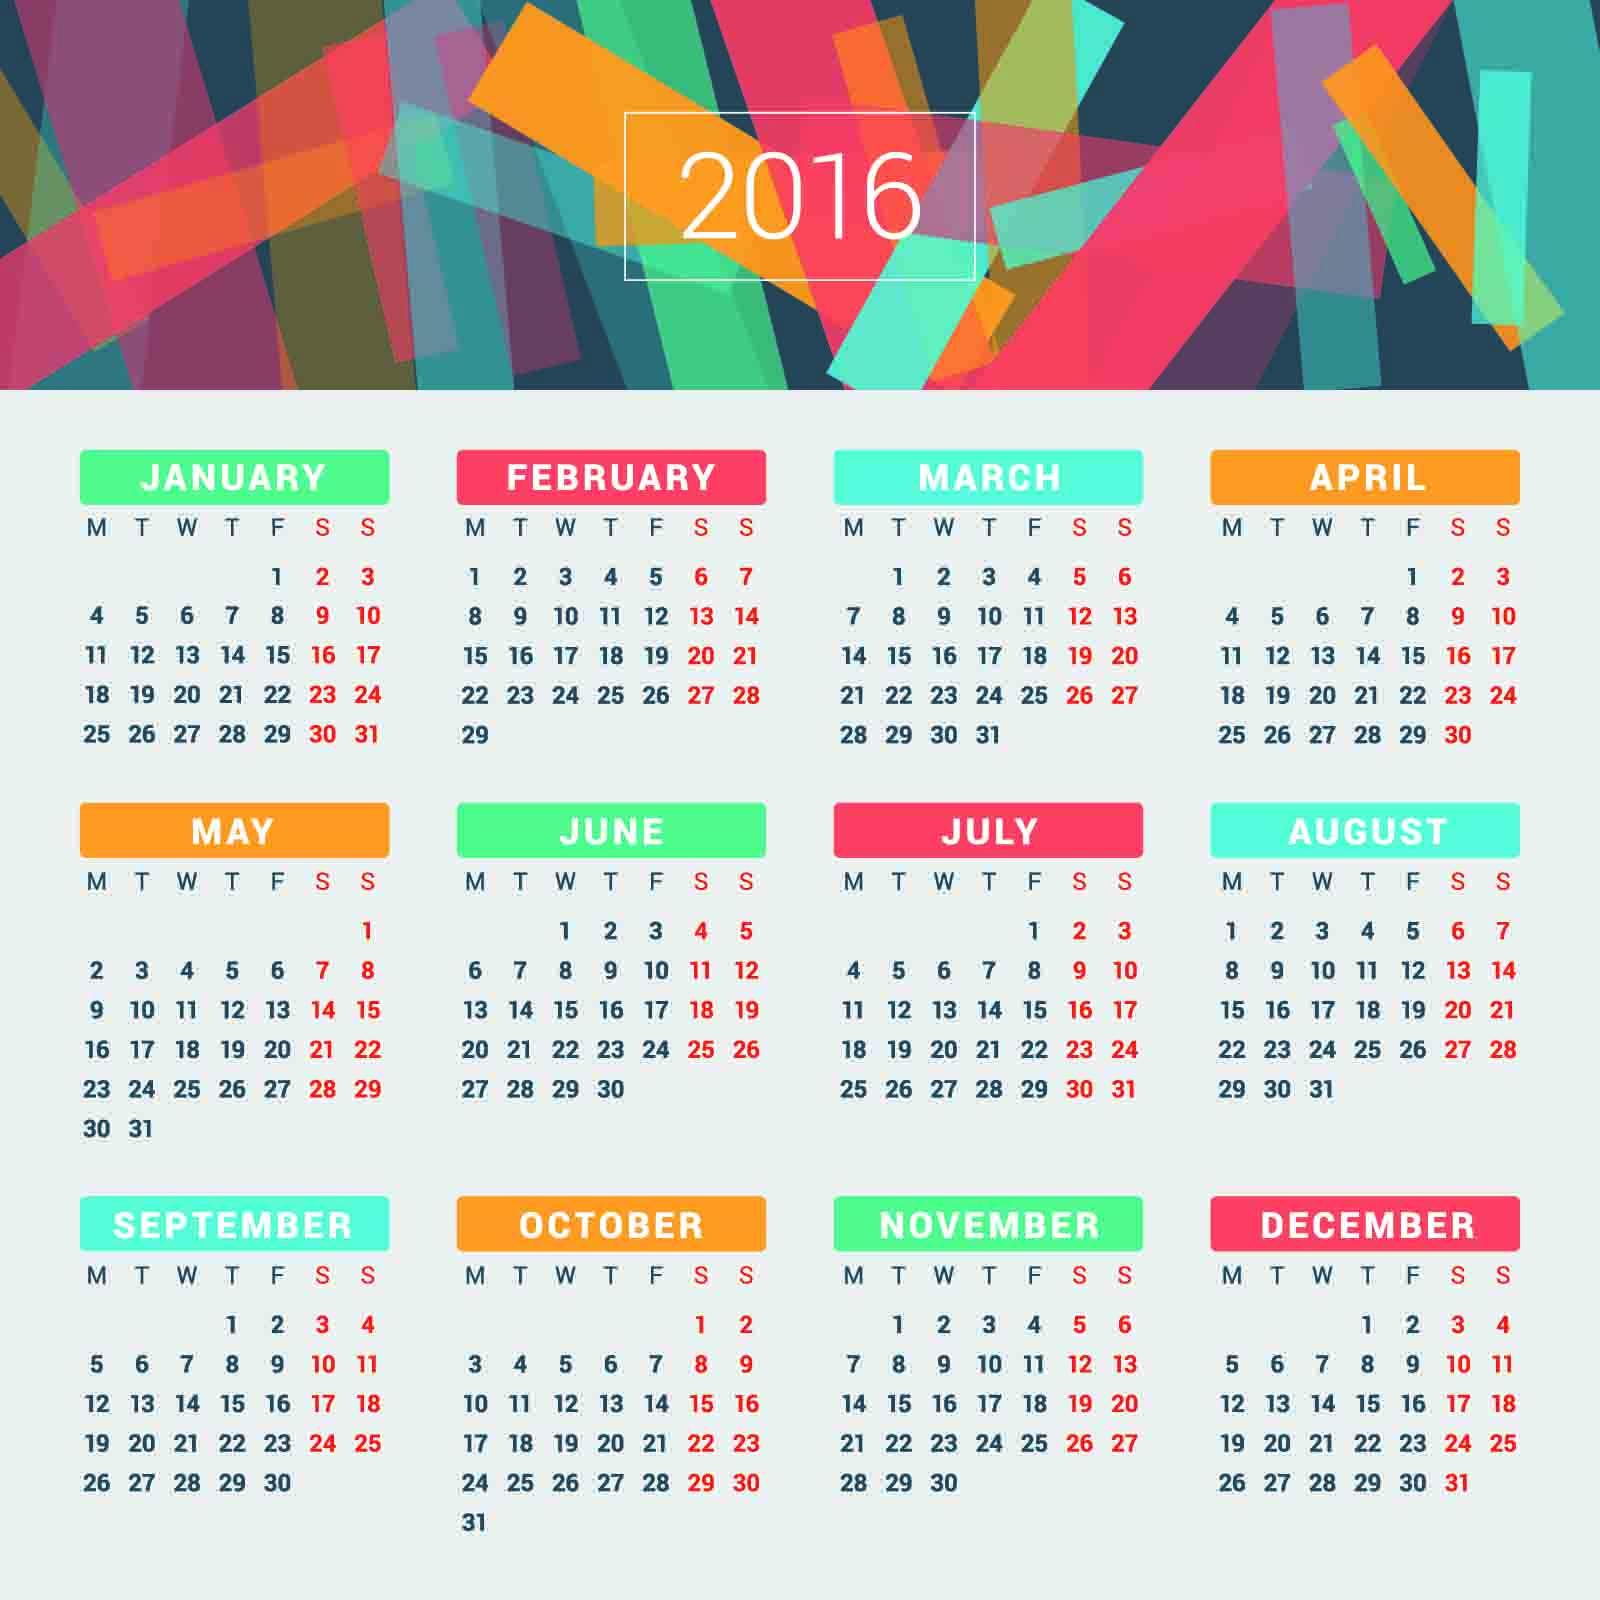 カレンダー カレンダー 2015 無料 テンプレート : 2016 Calendar-Year